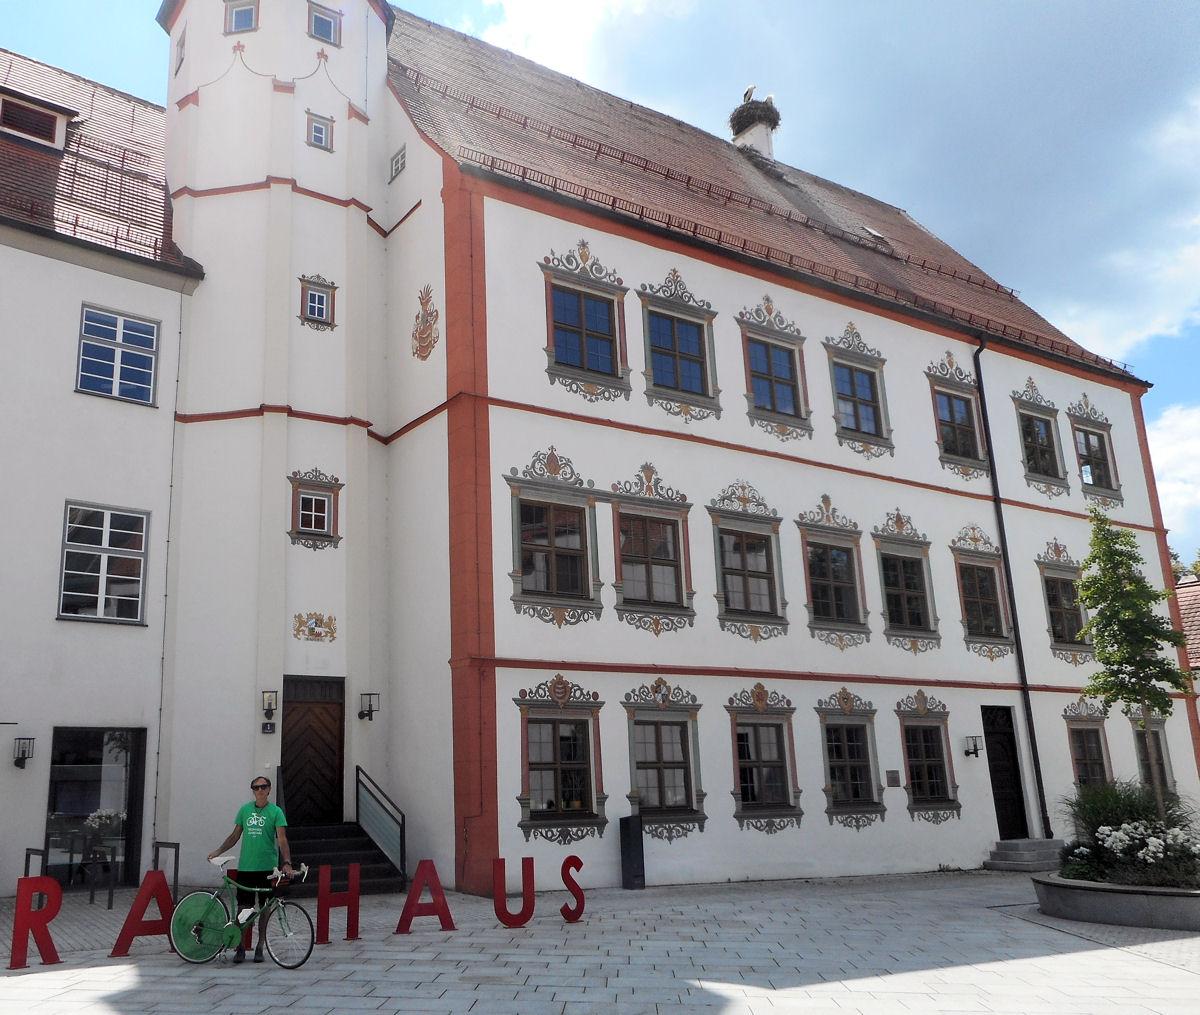 06_Rathaus_Fuggerschloss_A.jpg